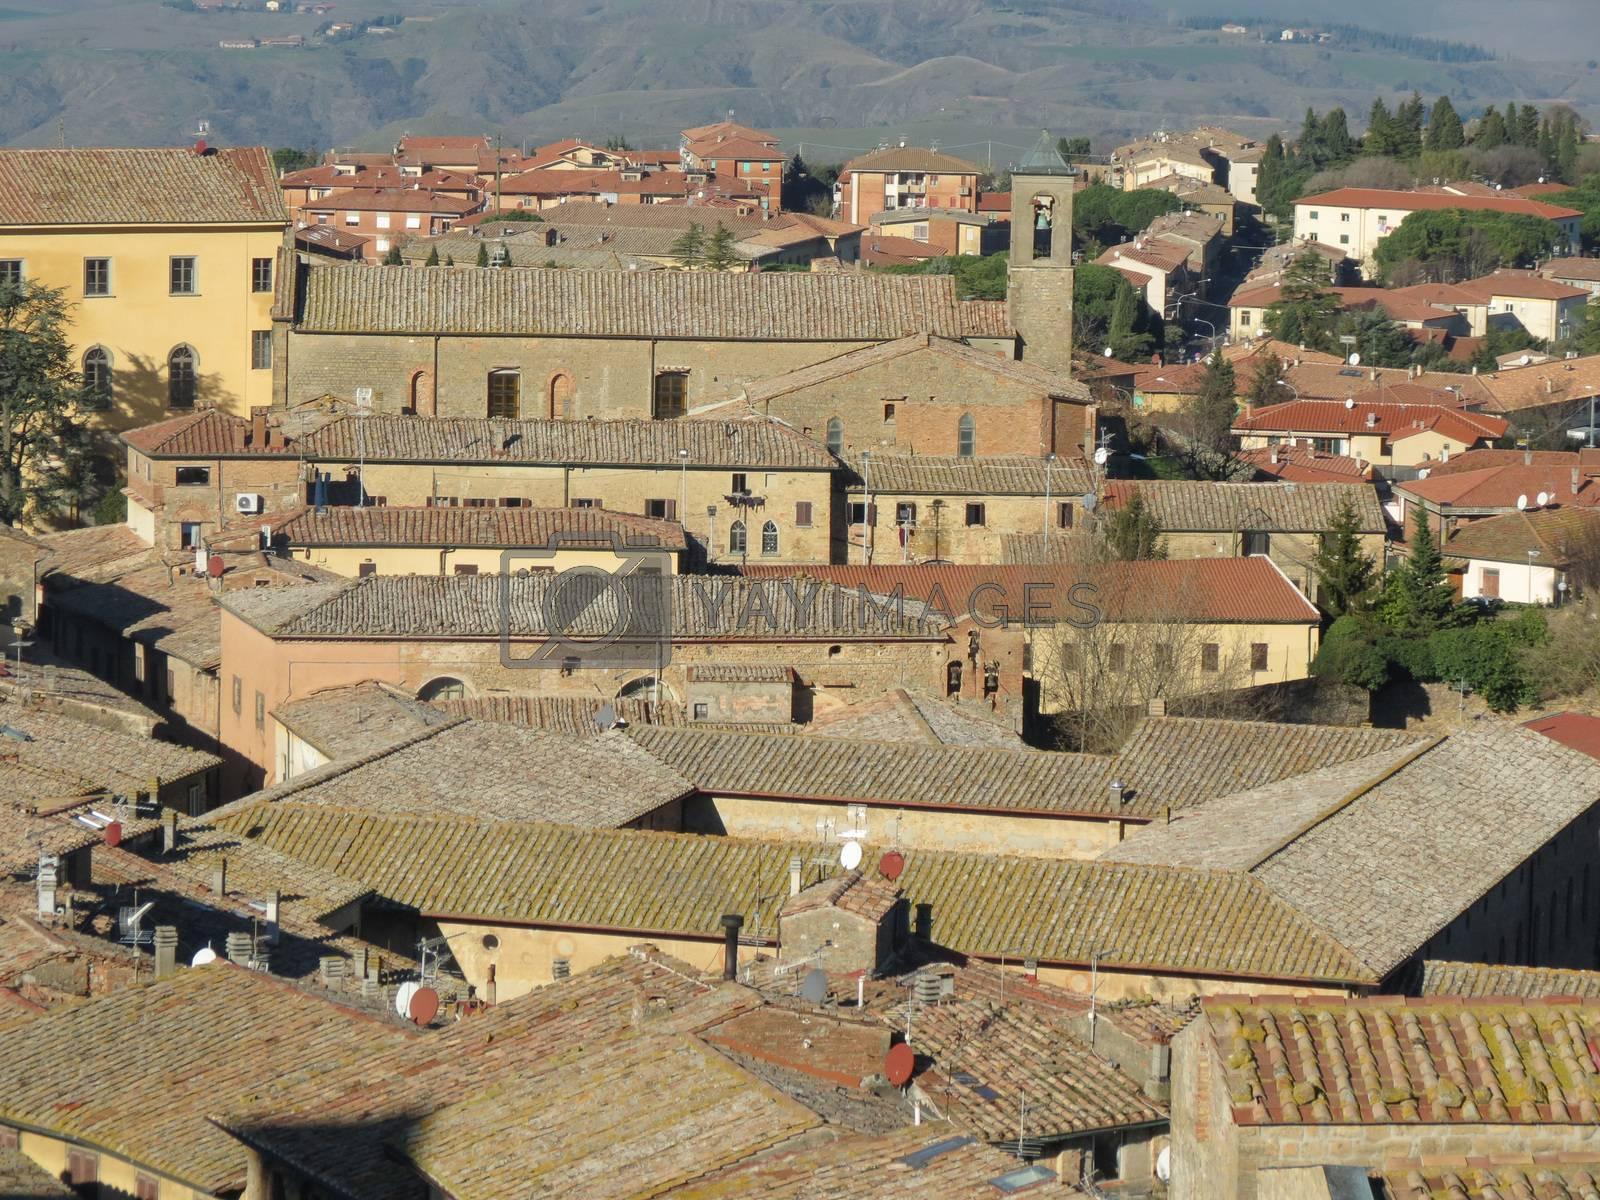 Volterra, Tuscany, Italy by paolo77